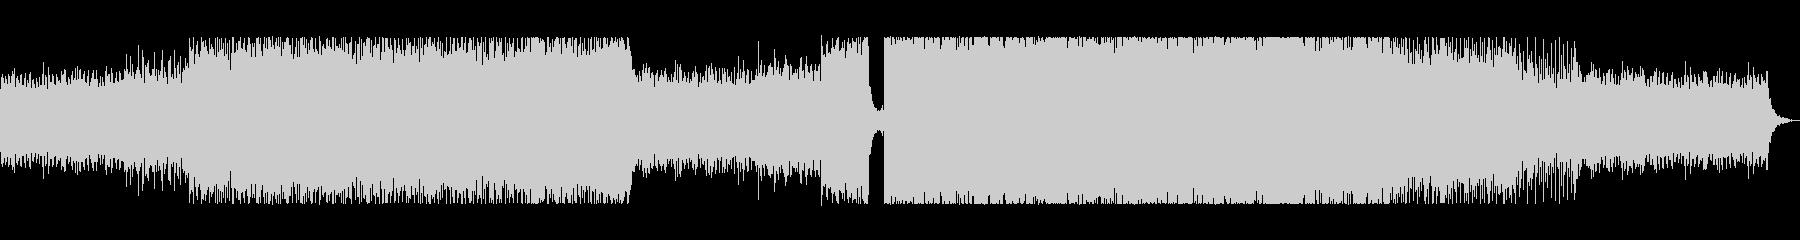 FX(効果音)なしの未再生の波形